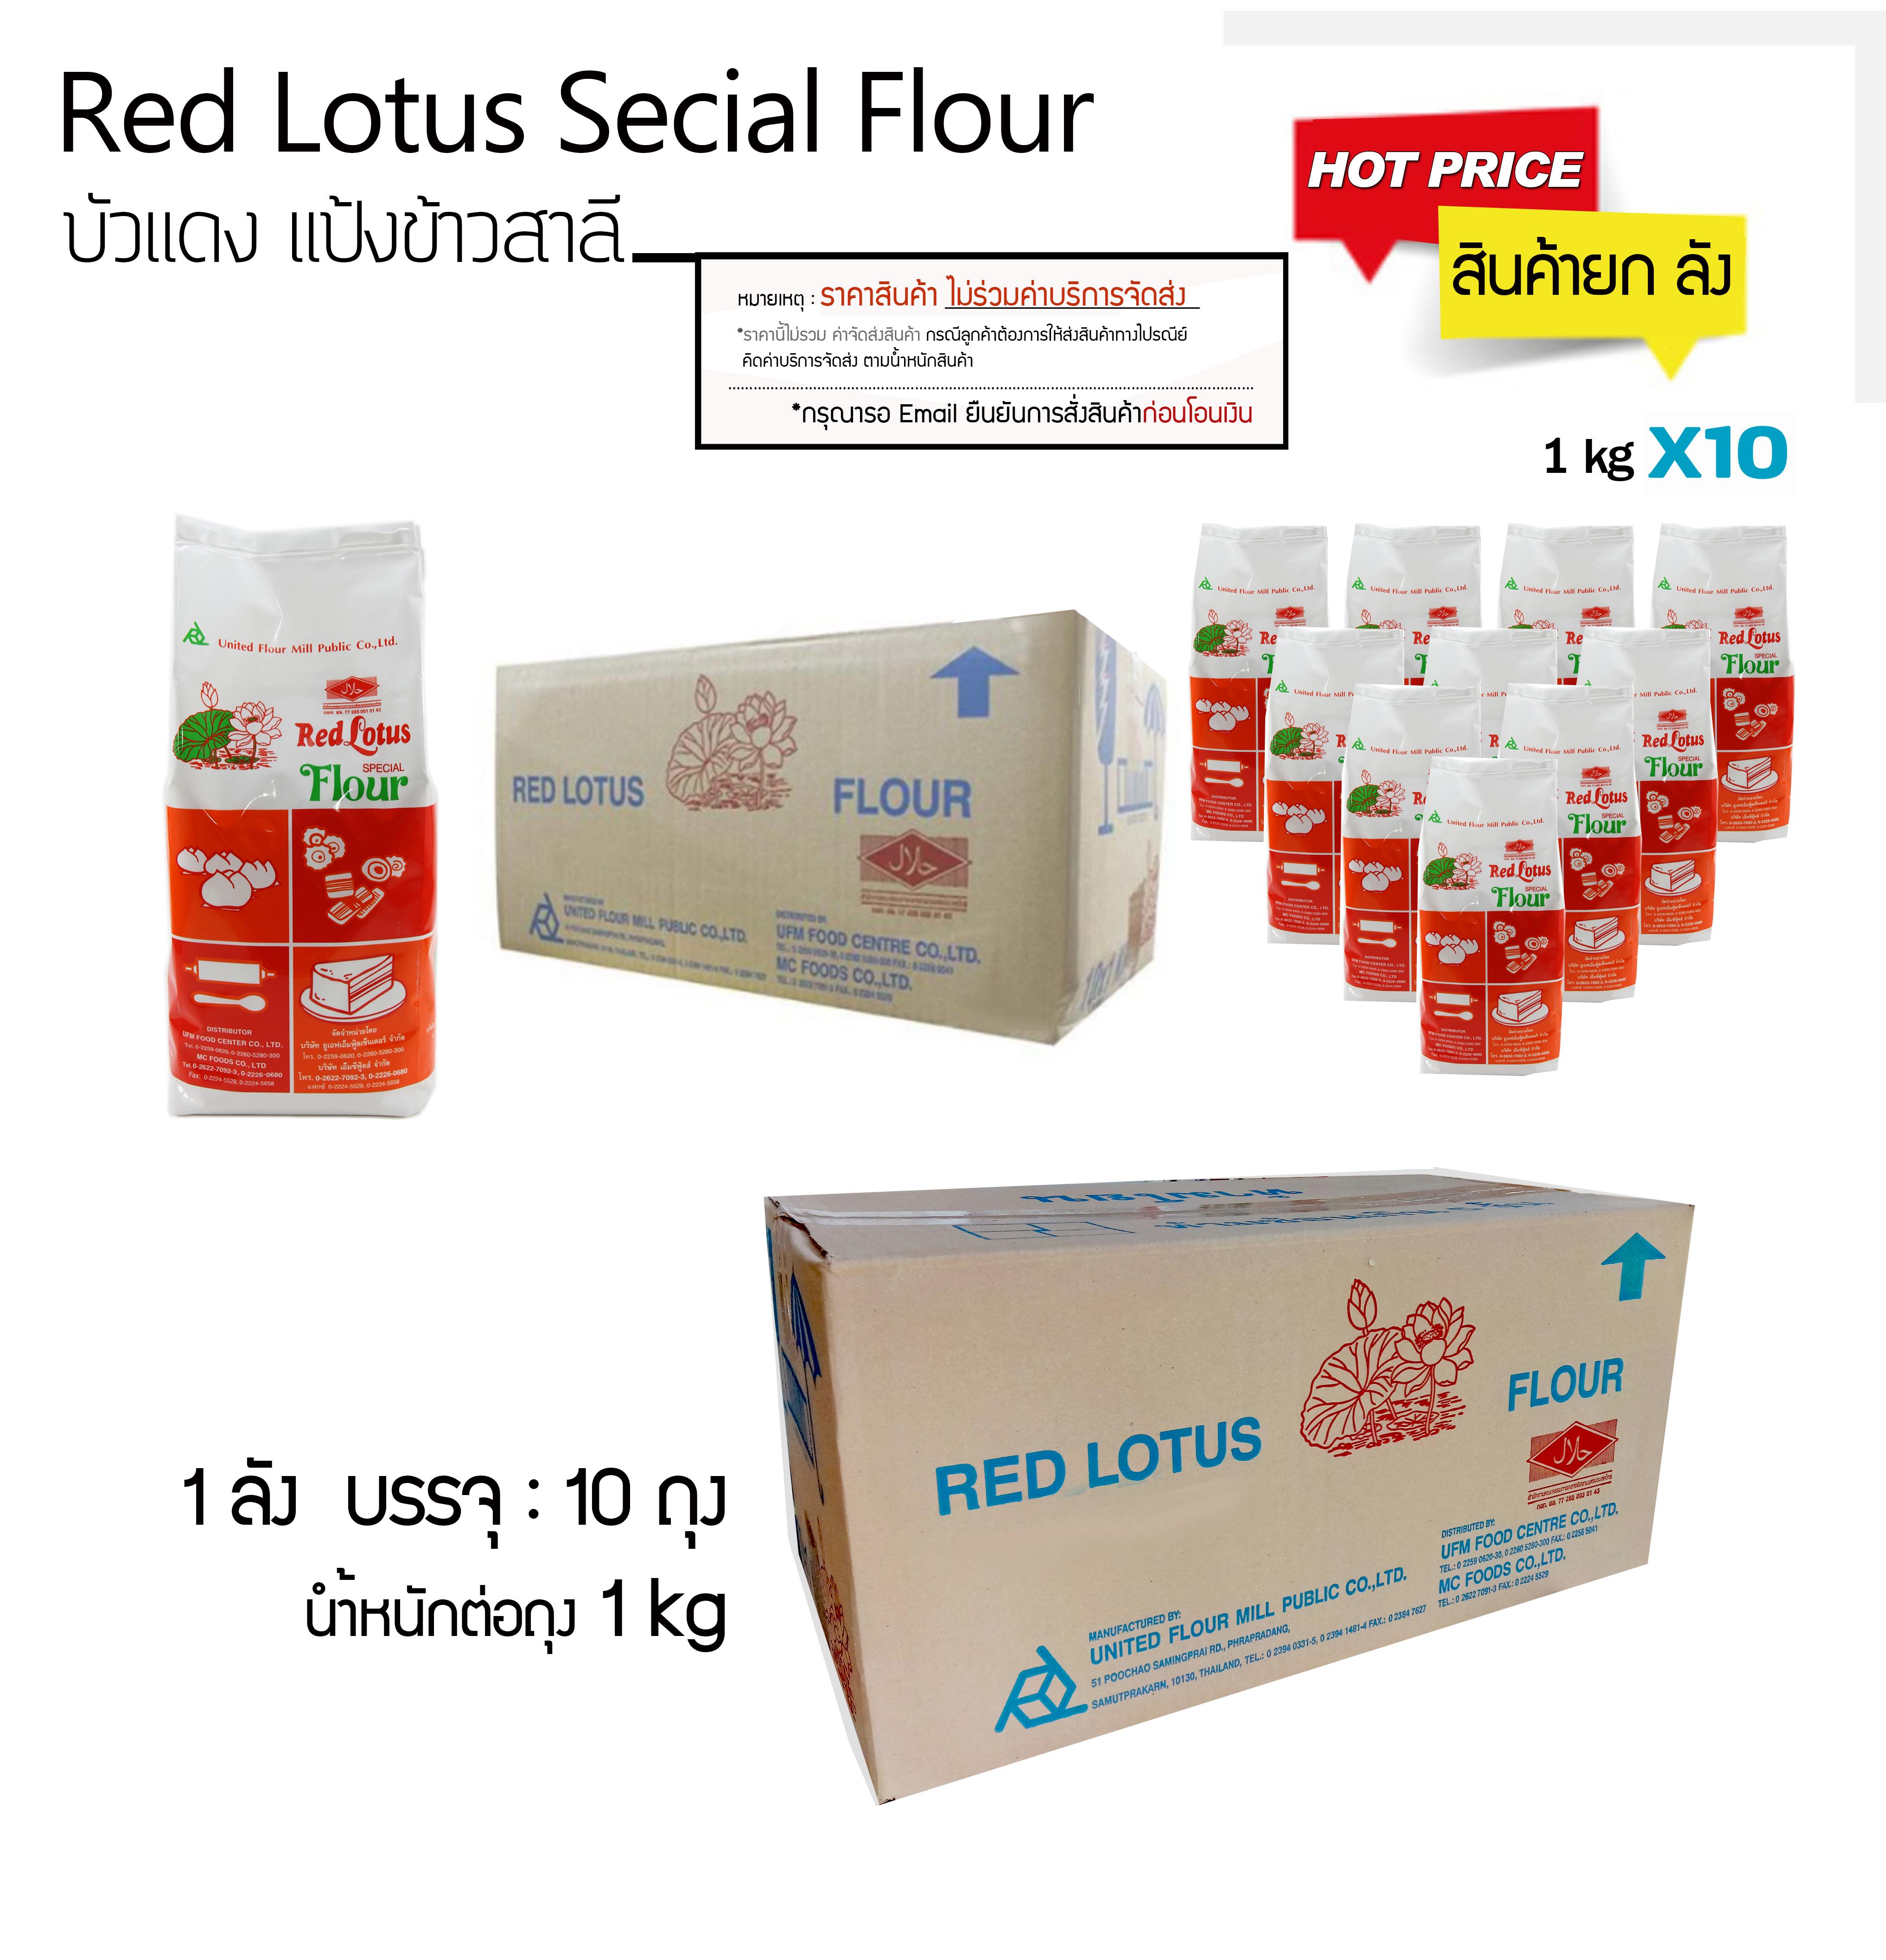 Red Lotus Secial Flour / บัวแดง แป้งข้าวสาลี (ลัง X 10 ถุง)